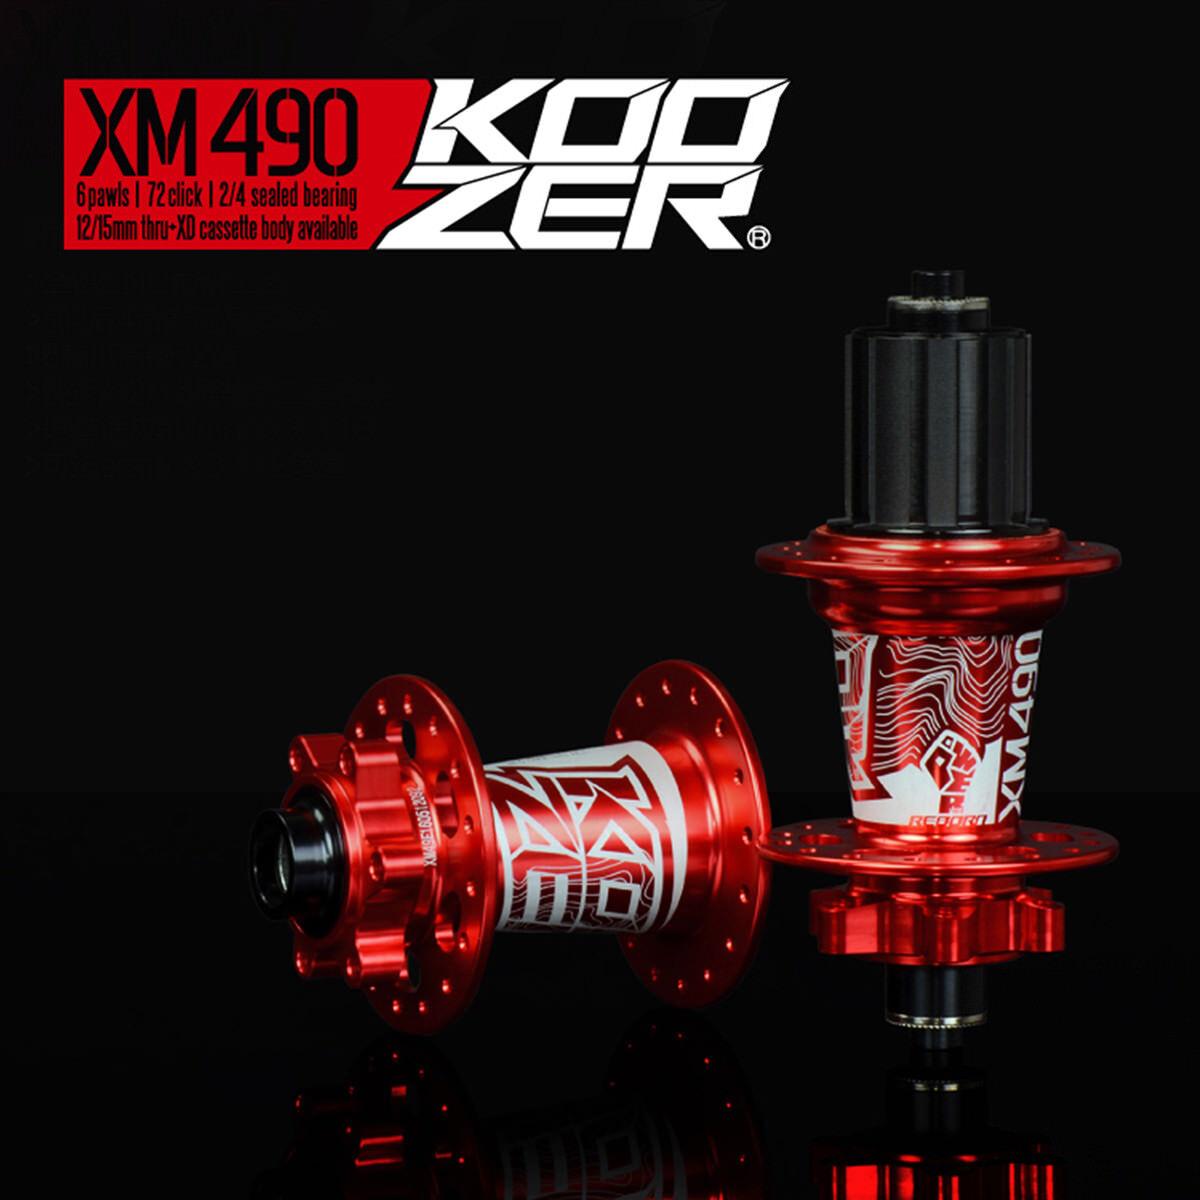 Koozer XM490 32 32 32 Loch MTB Naben Thru&qr Xd für Shimano Sram Scheibenbremse 9cfc5a